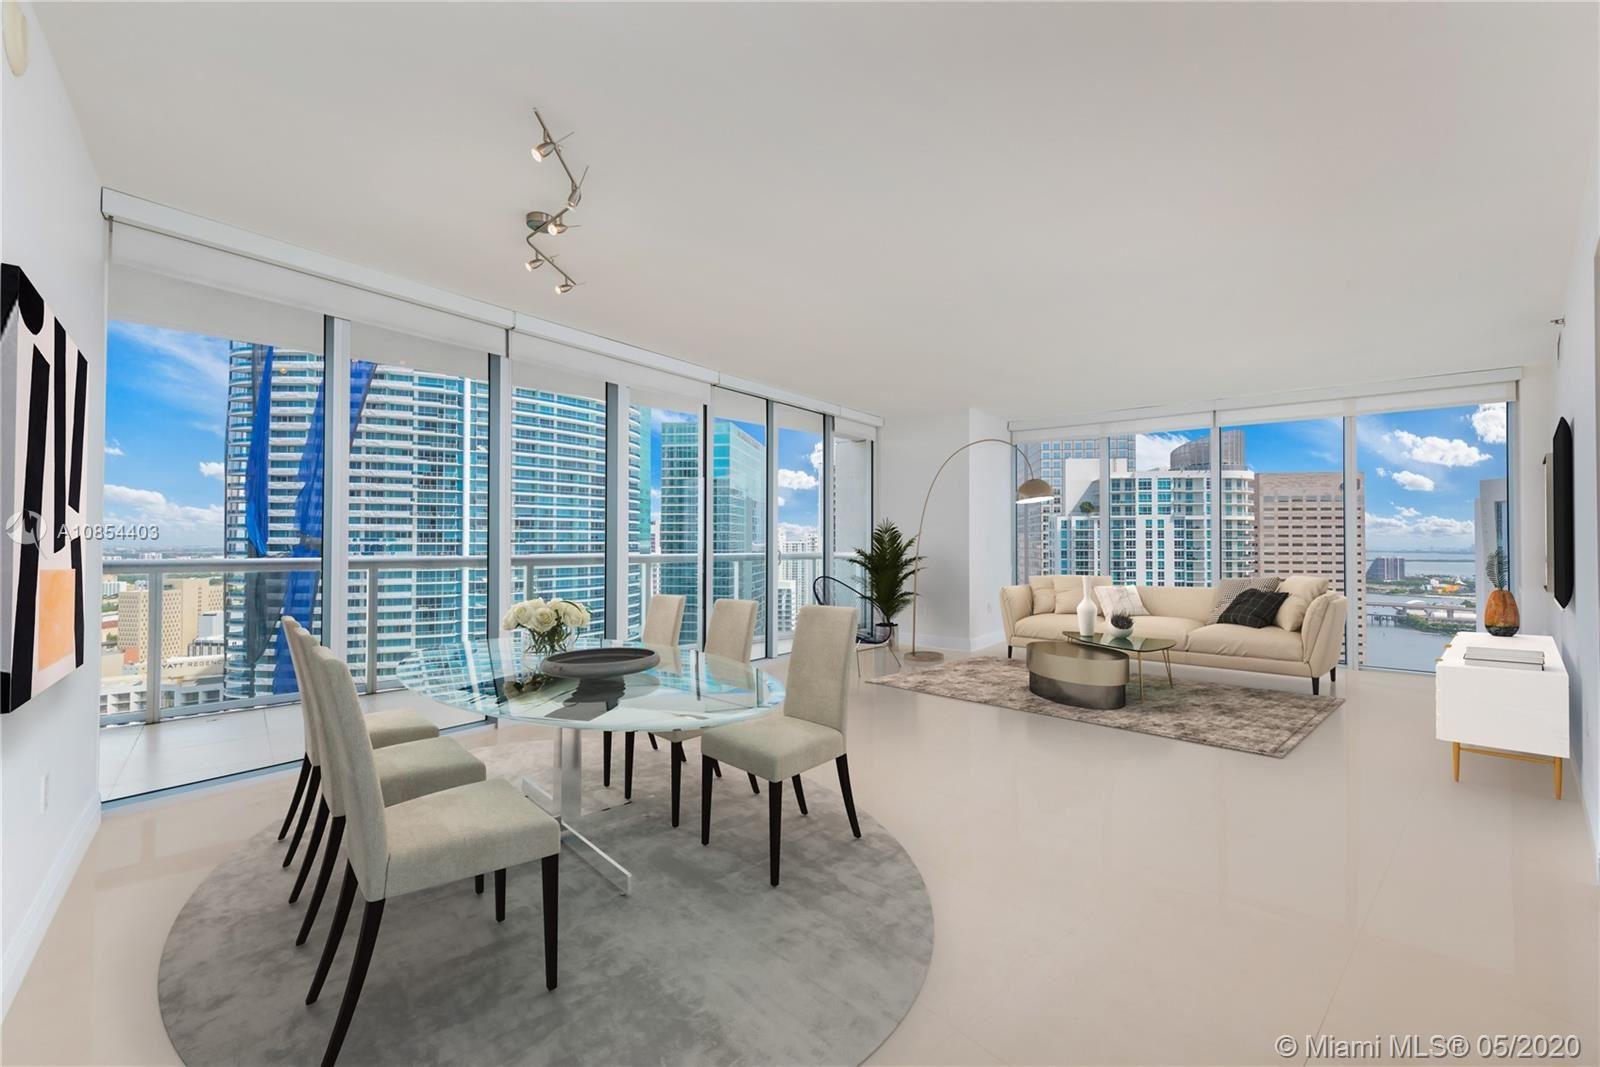 465 Brickell Ave #3702, Miami, FL 33131 - #: A10854403